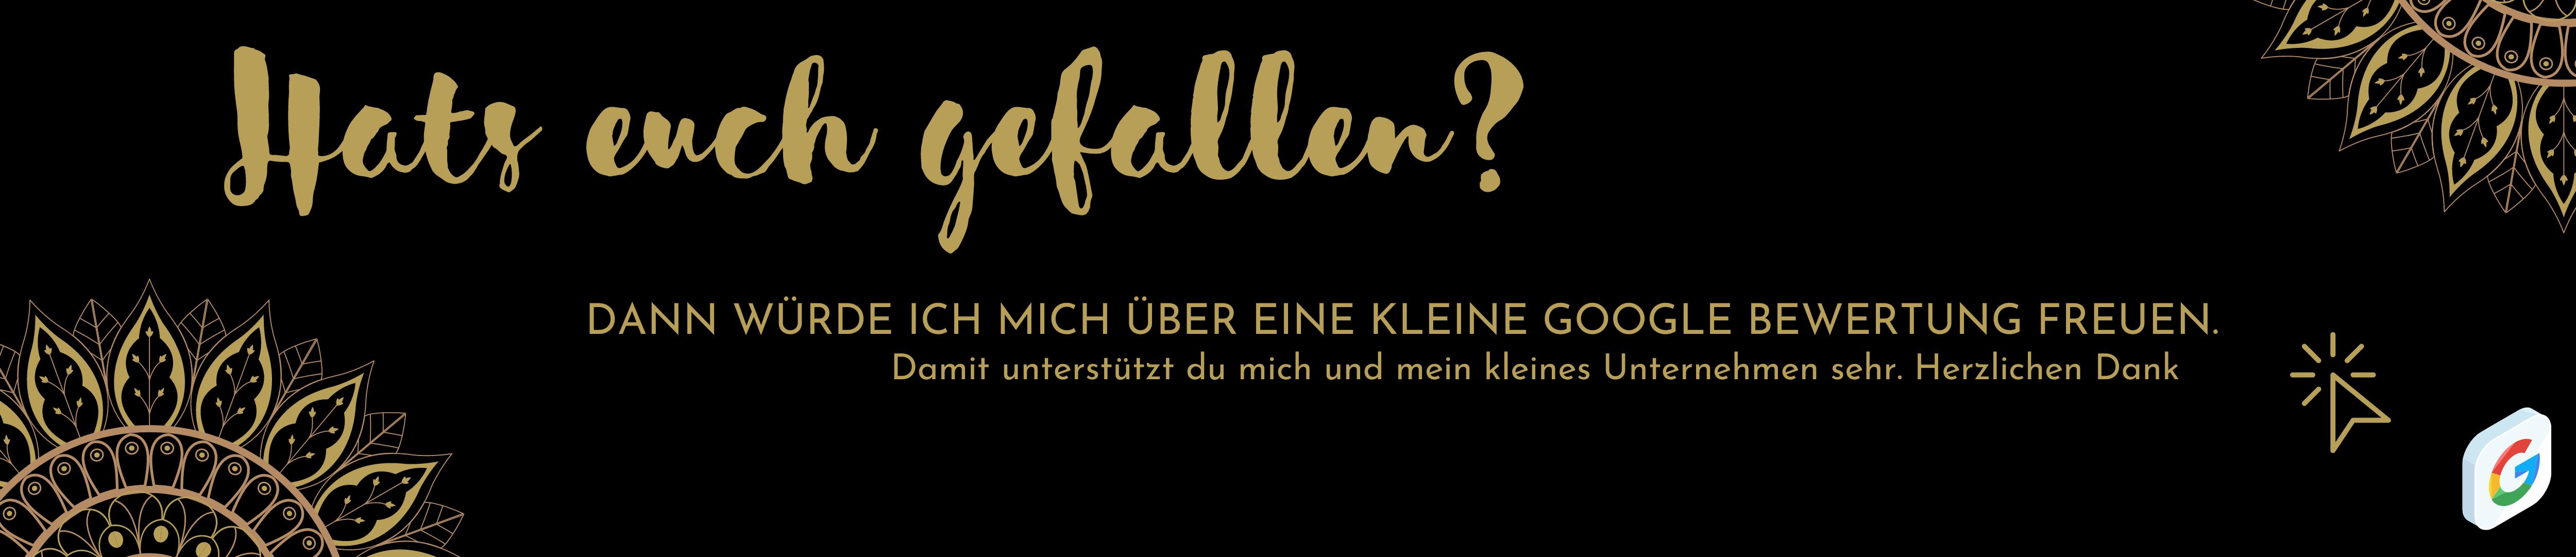 Imran Farzand Kochkurse in Kempten im Allgäu